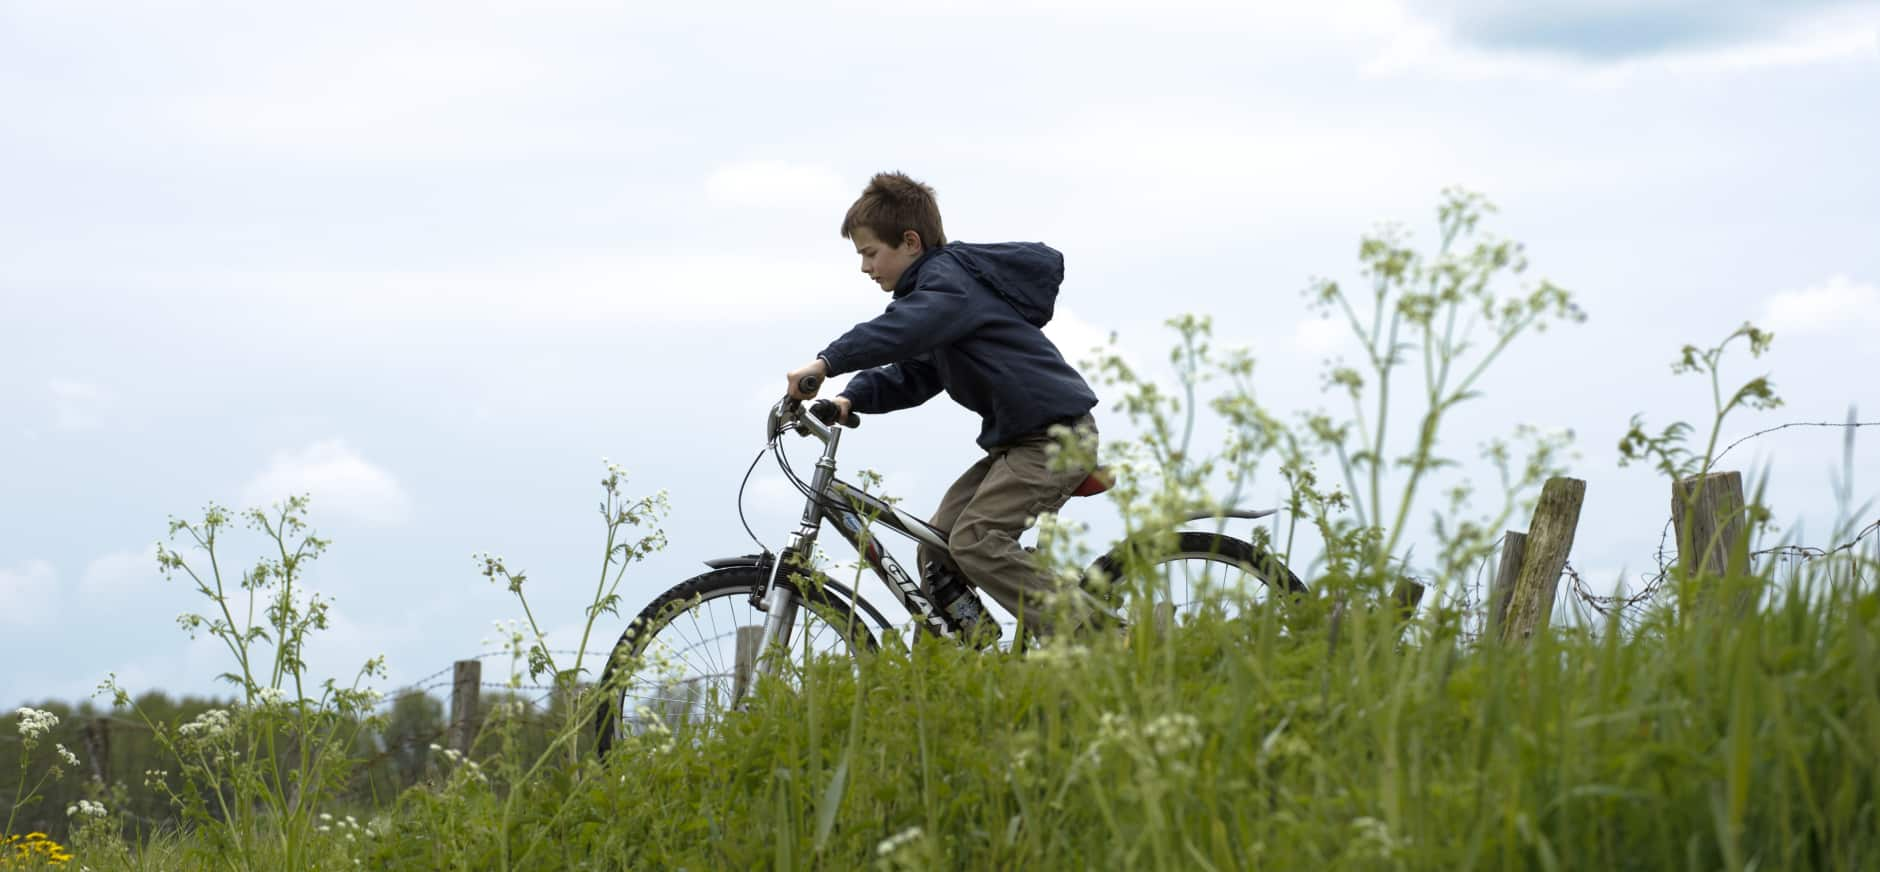 Maak een heel lange fietstocht